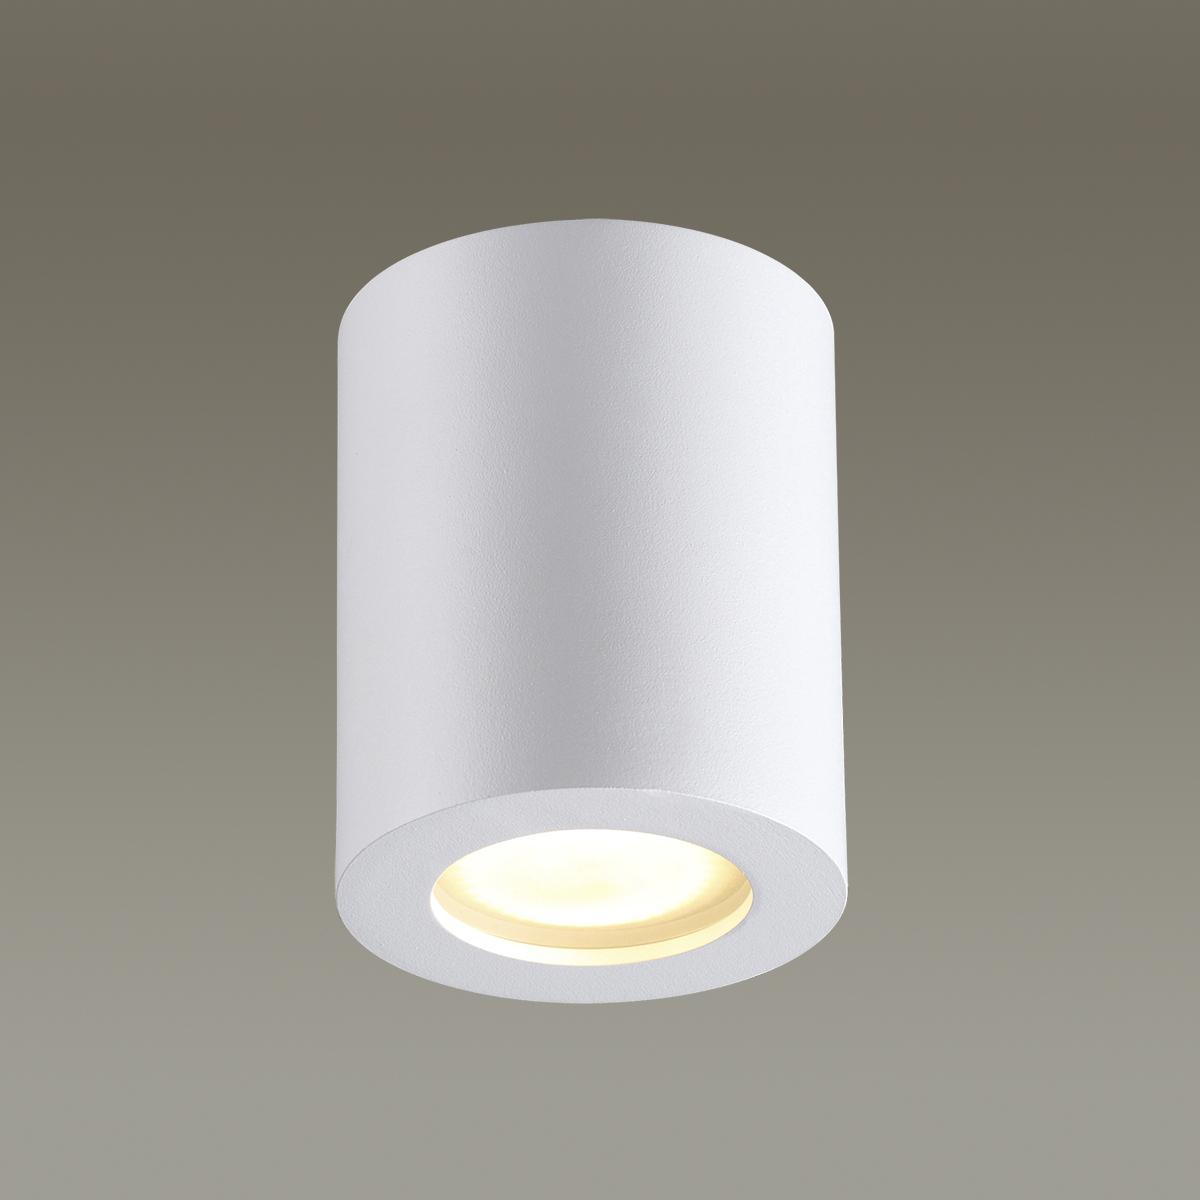 Потолочный светильник Odeon Light Aquana 3571/1C, IP44, 1xGU10x50W, белый, металл, стекло - фото 1